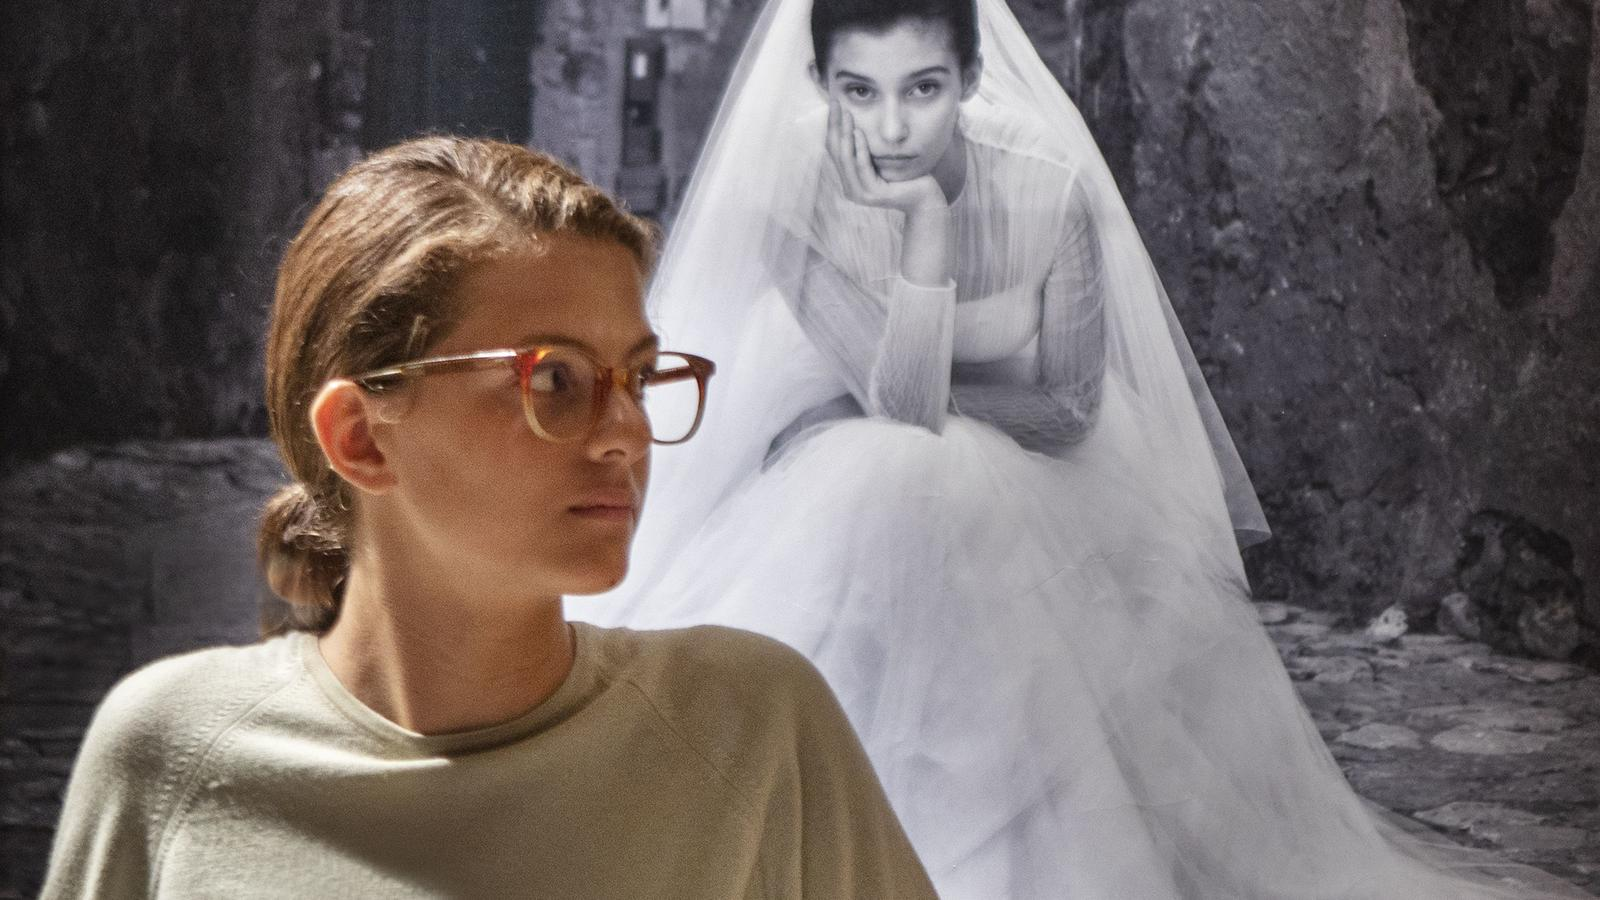 Die Geschichte von Lenú (Margherita Mazzucco, l.) und Lila (Gaia Girace) bewegte Millionen